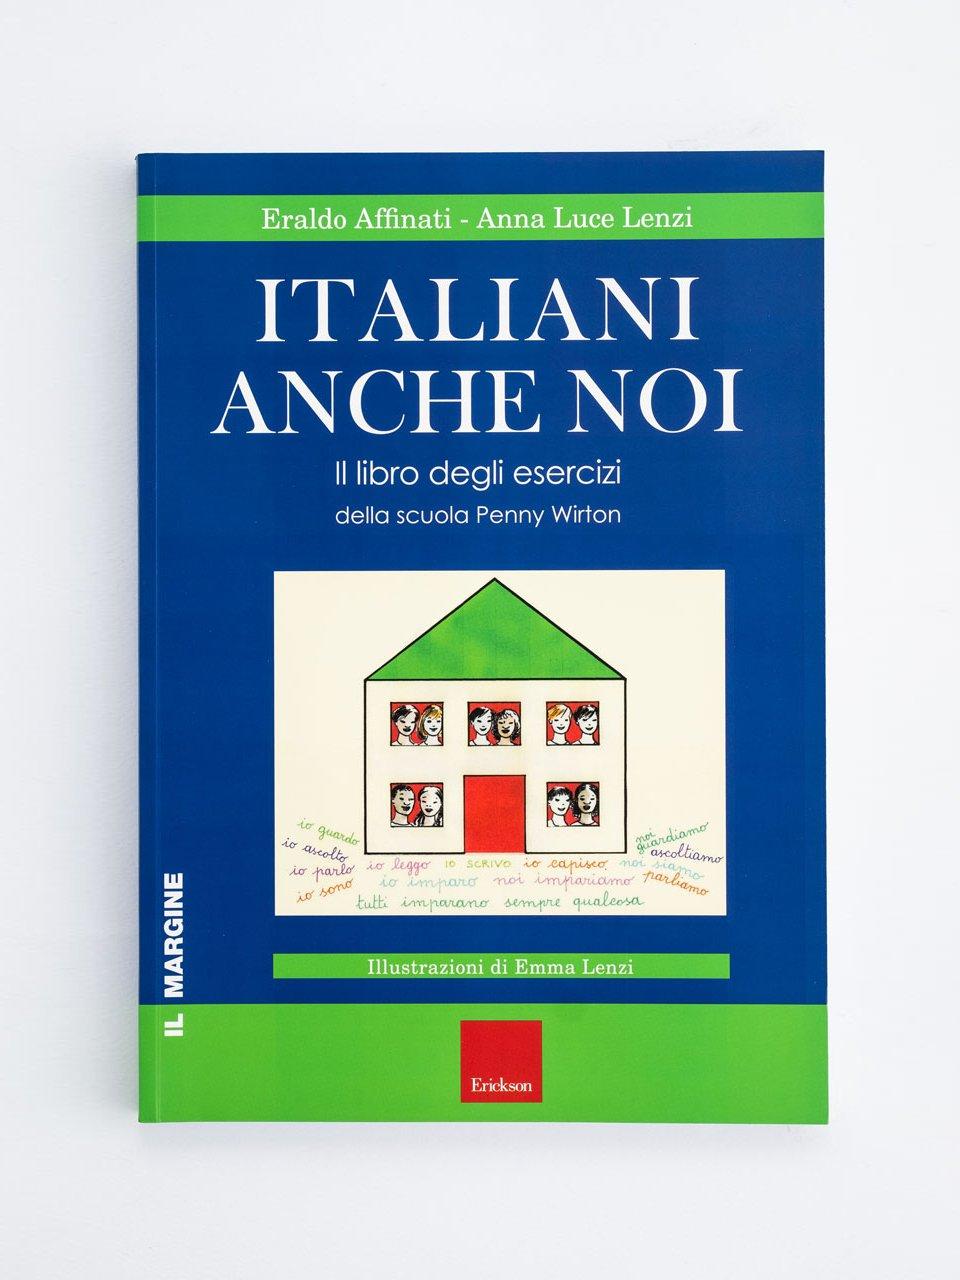 Italiani anche noi - Il libro degli esercizi - Libri - Erickson